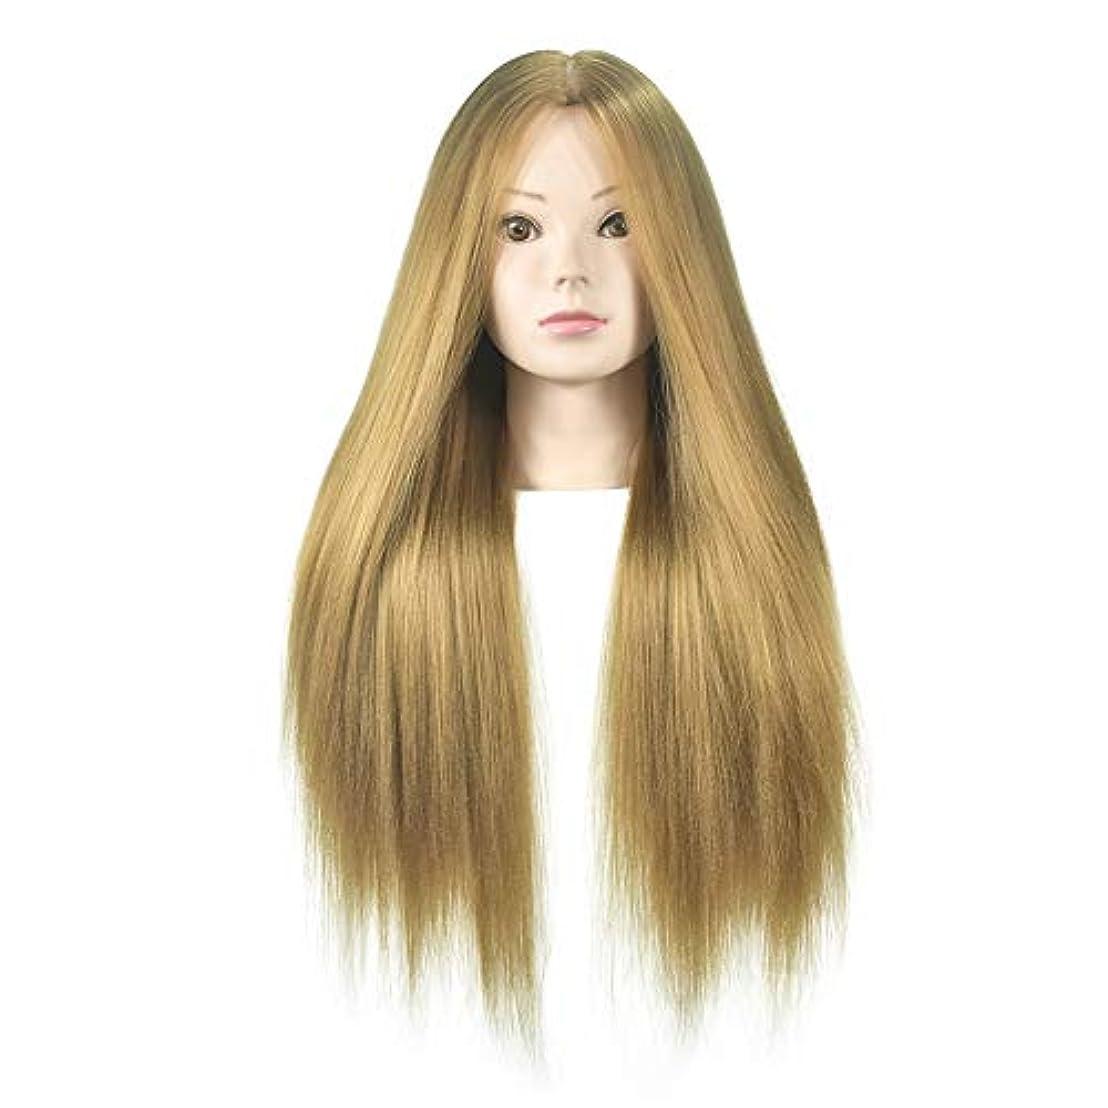 シャッター開梱マダムサロンエクササイズヘッド金型メイクディスクヘアスタイリング編組ティーチングダミーヘッド理髪ヘアカットトレーニングかつら